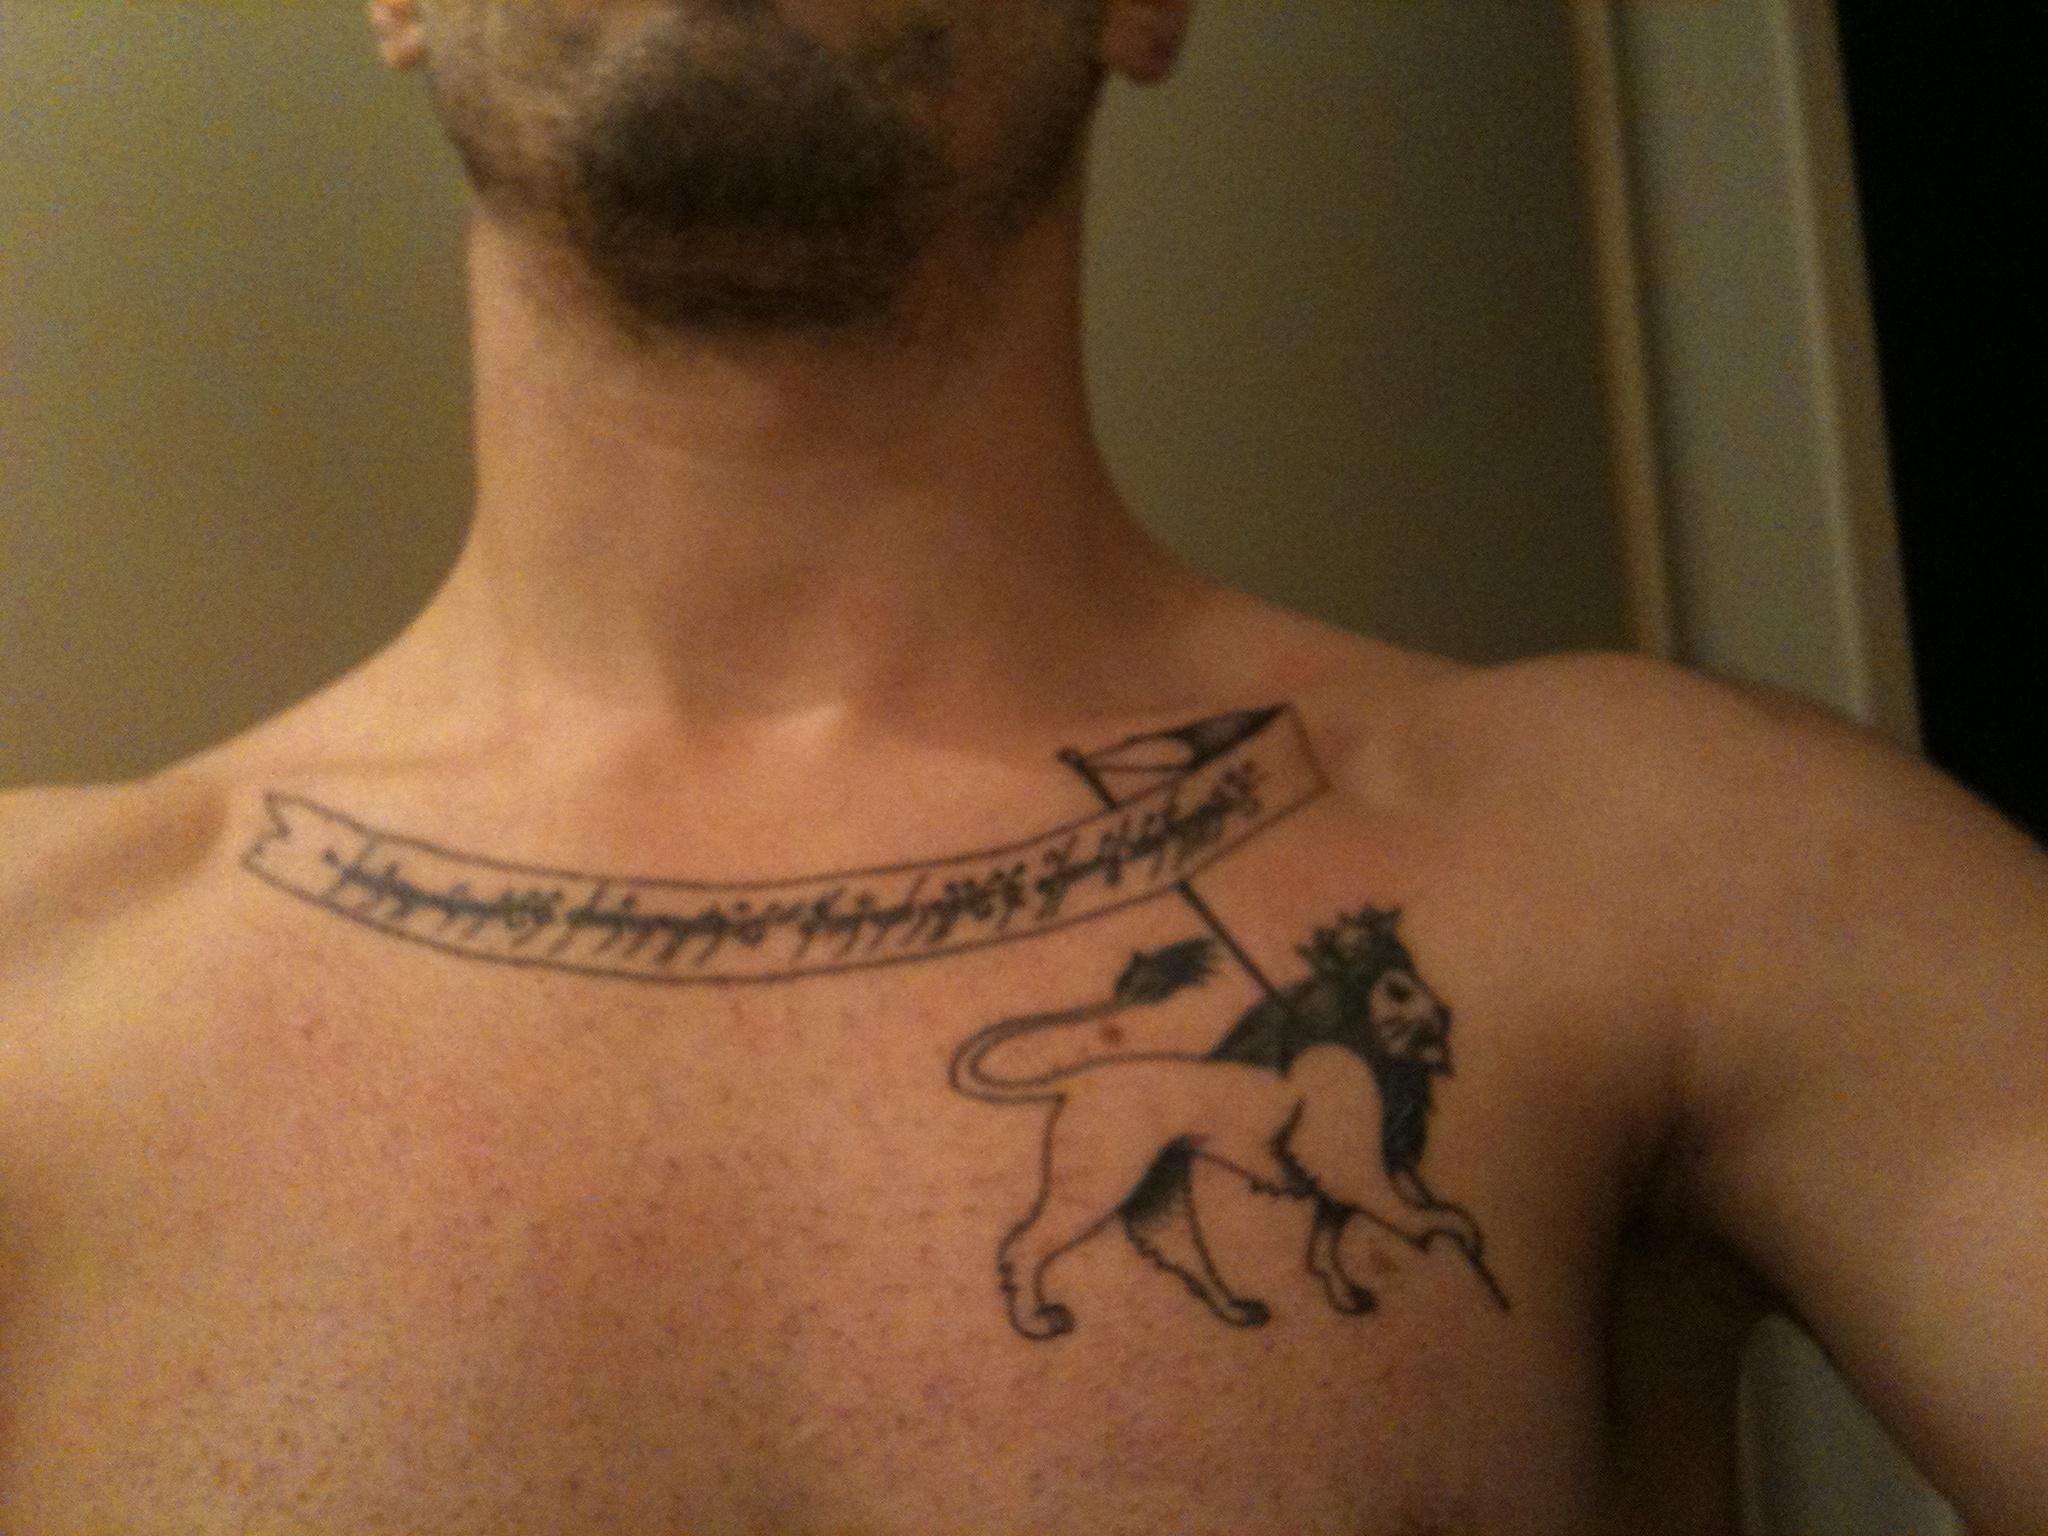 Toile tatouage signification fashion designs - Signification etoile tatouage ...